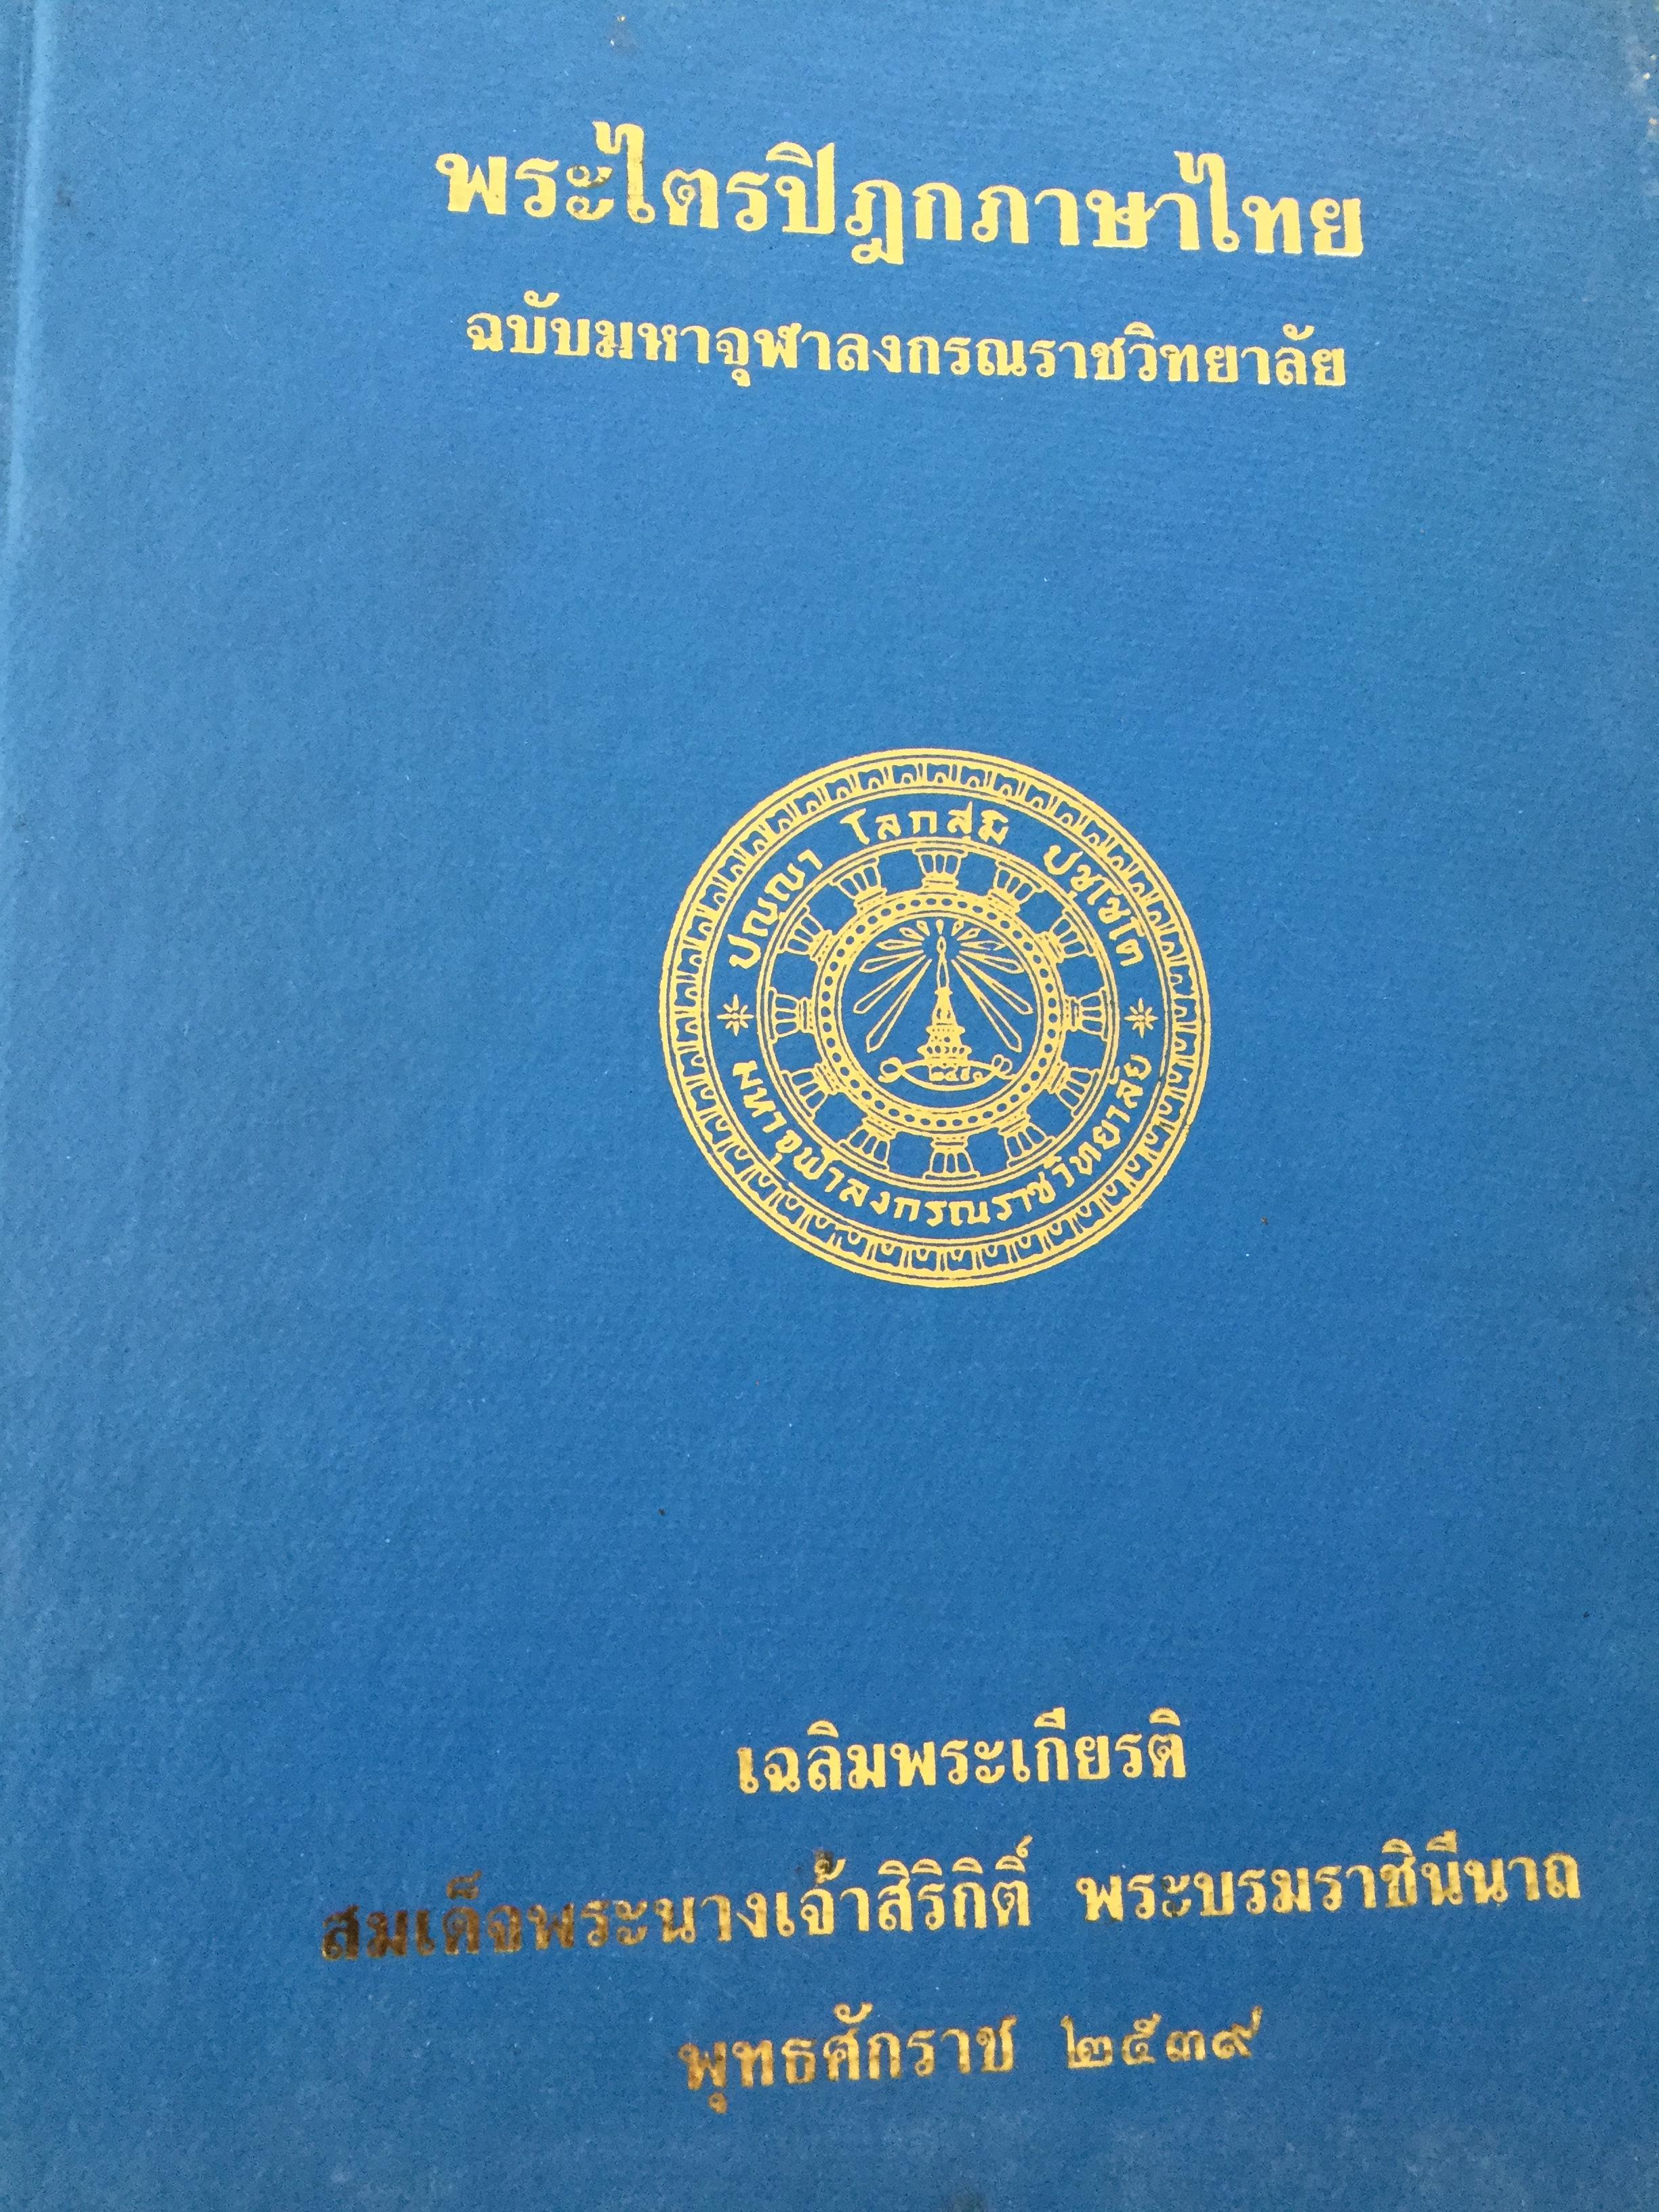 พระไตรปิฏกภาษาไทย ฉบับมหาจุฬาลงกรณราชวิทยาลัย เฉลิมพระเกียรติ สมเด็จพระนางเจ้าสิริกิติ์ พระบรมราชินีนาถ พุทธศักราช 2539